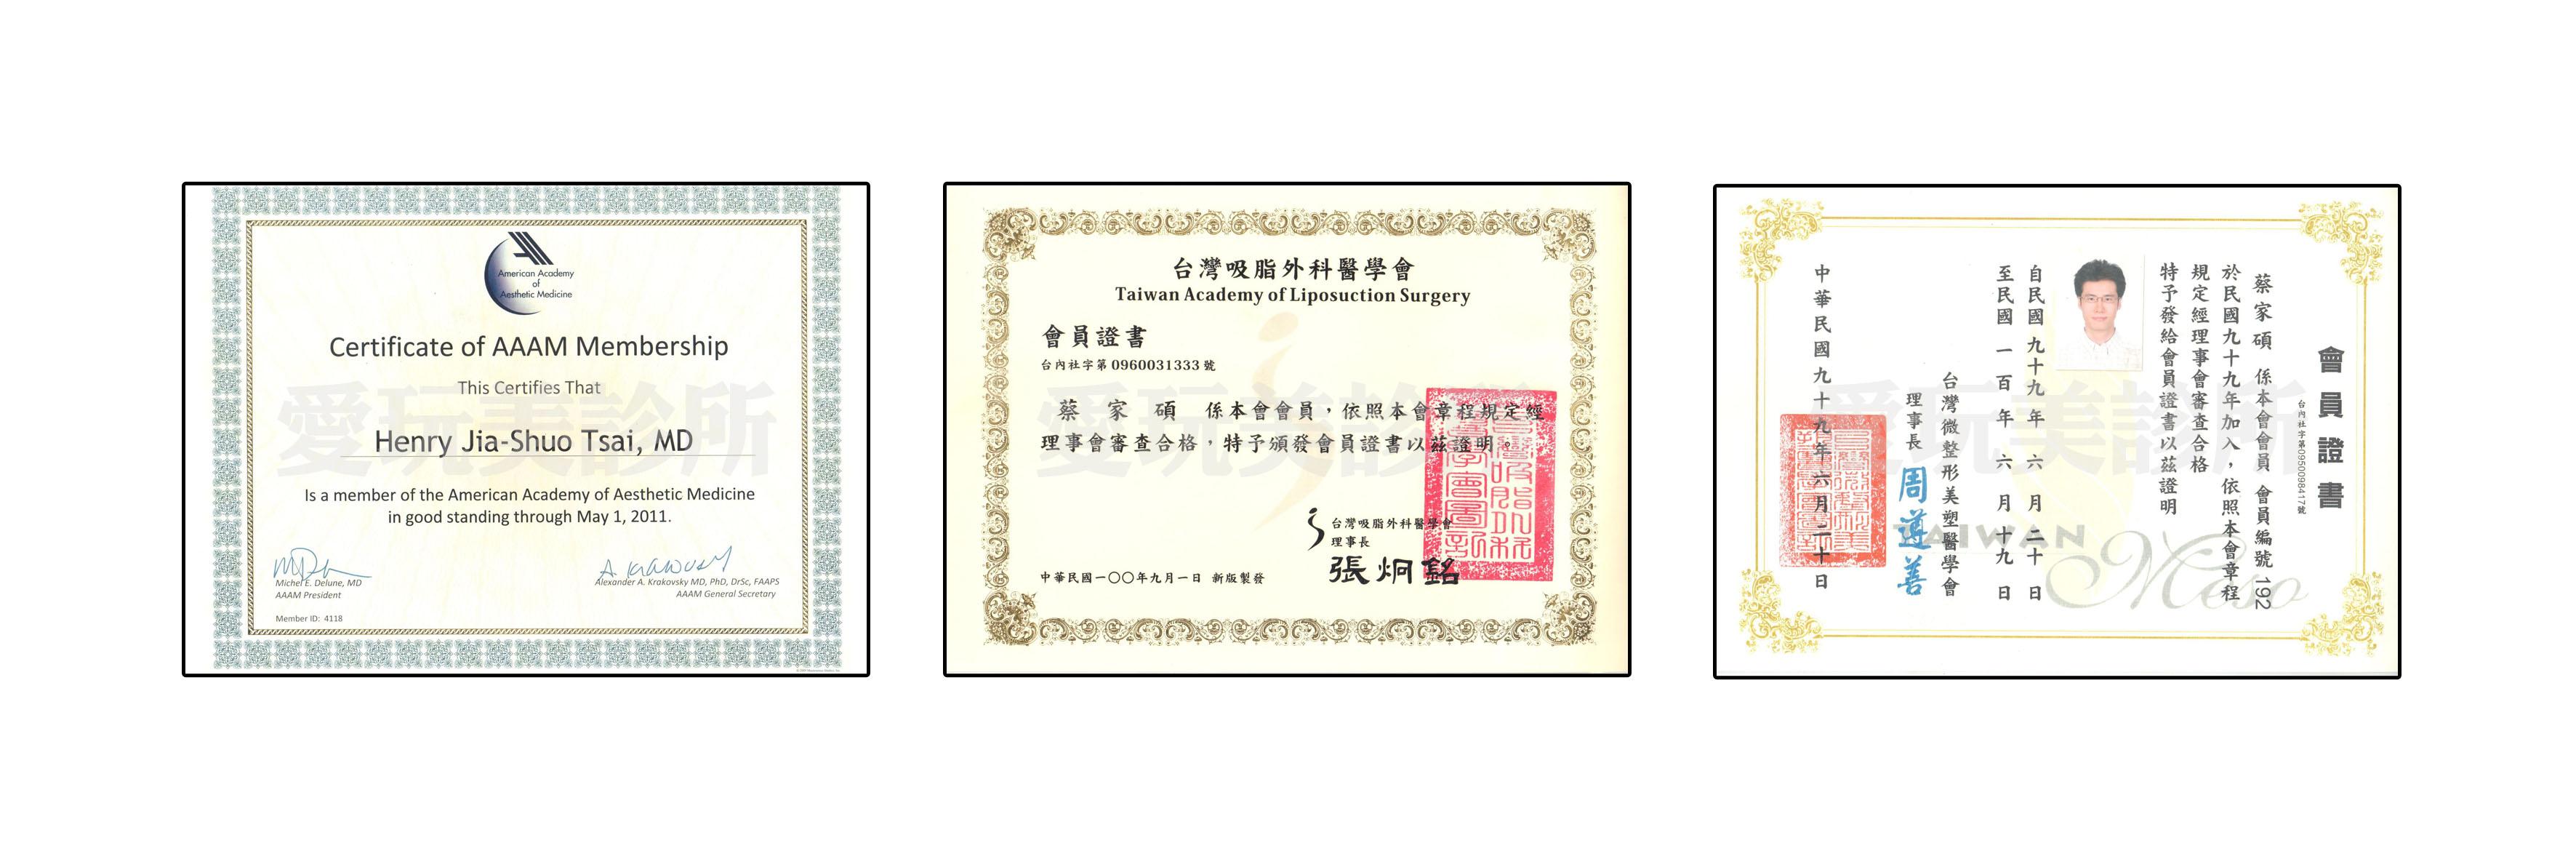 蔡家碩證書06